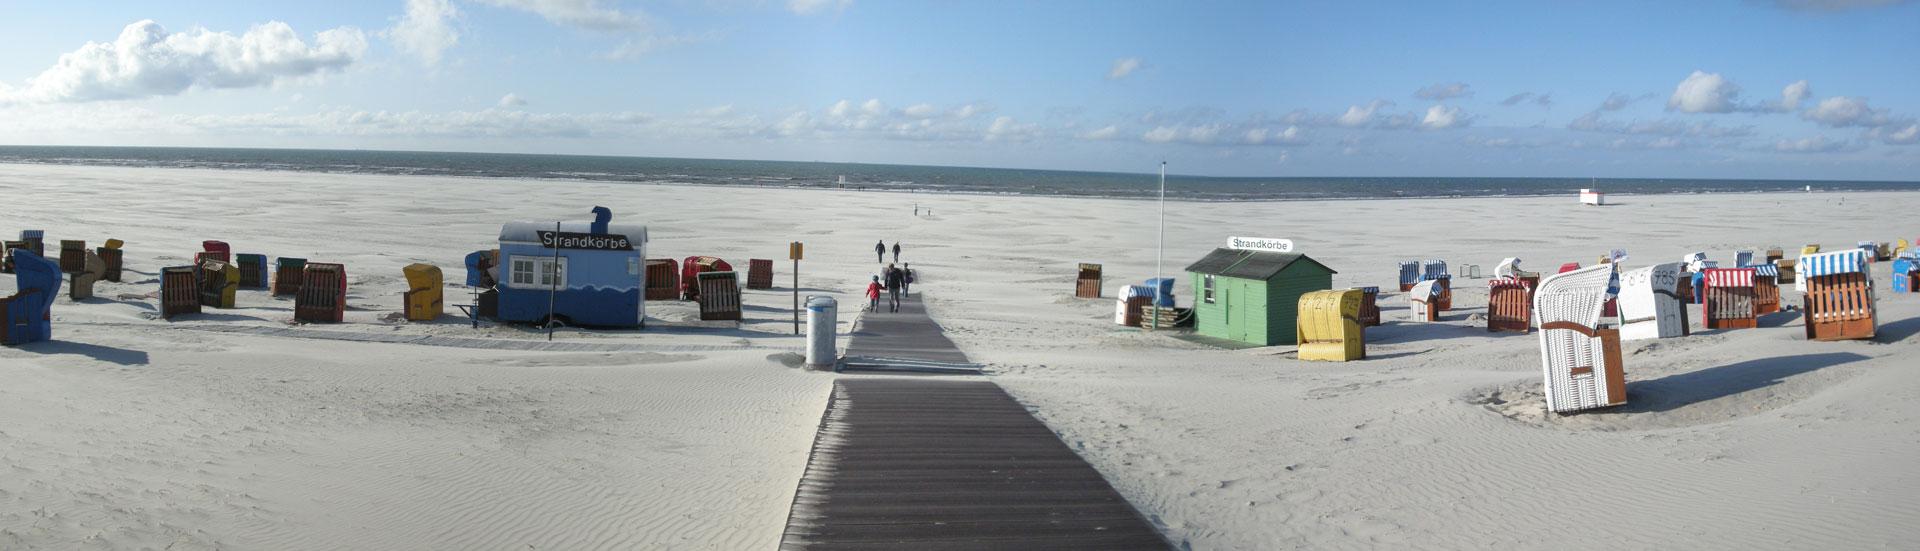 Strand auf der Insel Juist